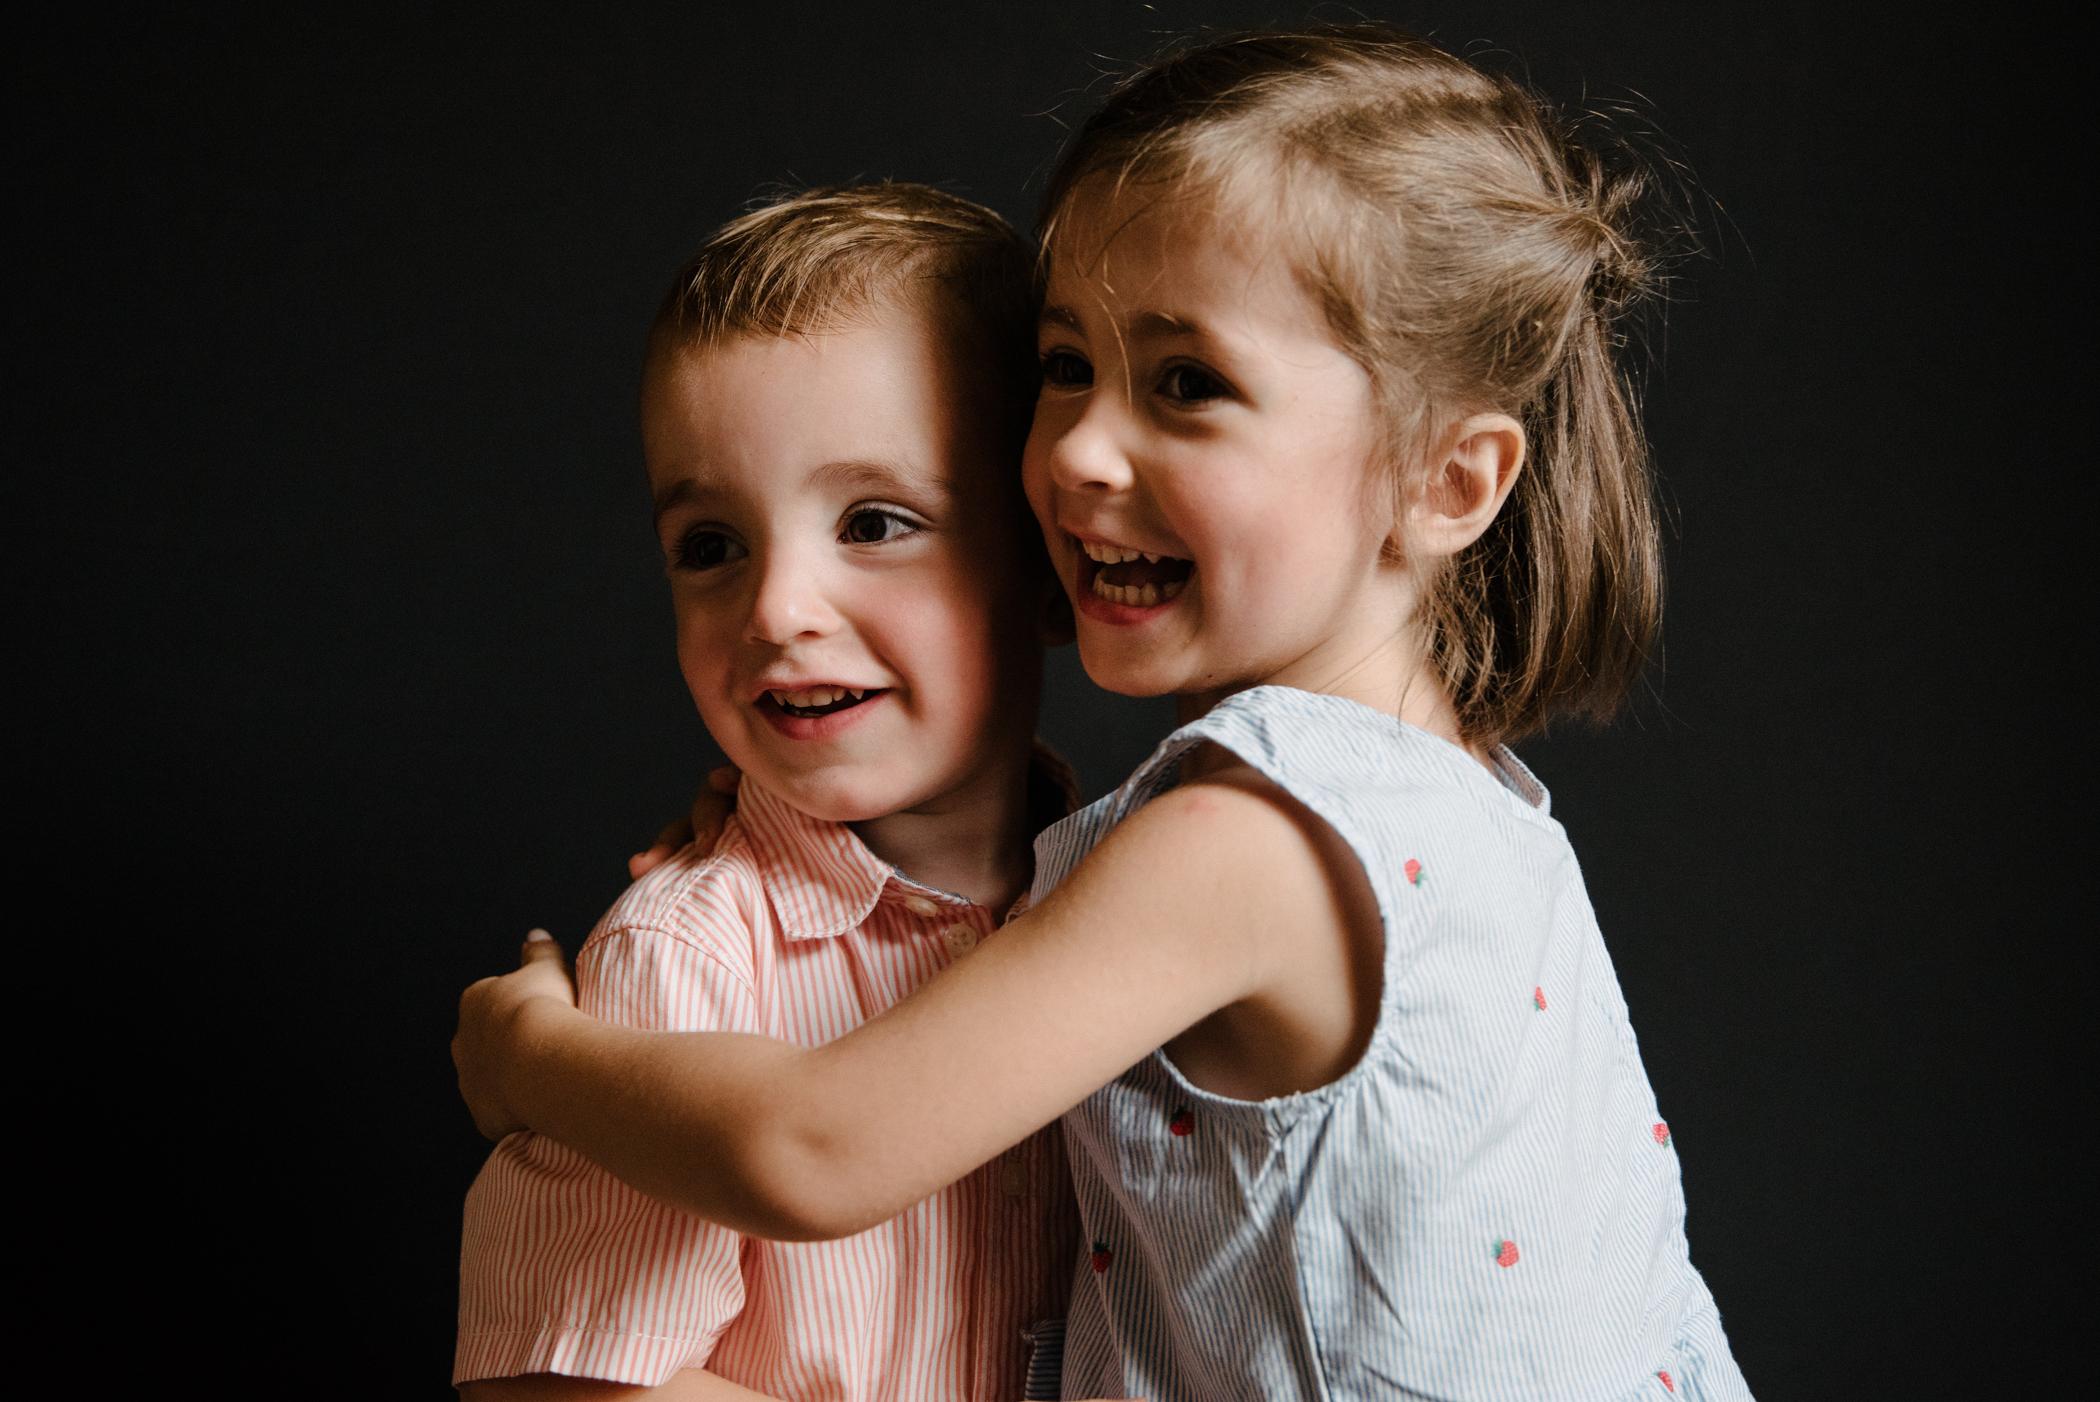 photo-de-garderie-originale-et-authentique-fratrie-souriante-photographe-lifestyle-famille-et-nouveau-ne-a-montreal-marianne-charland-200.jpg